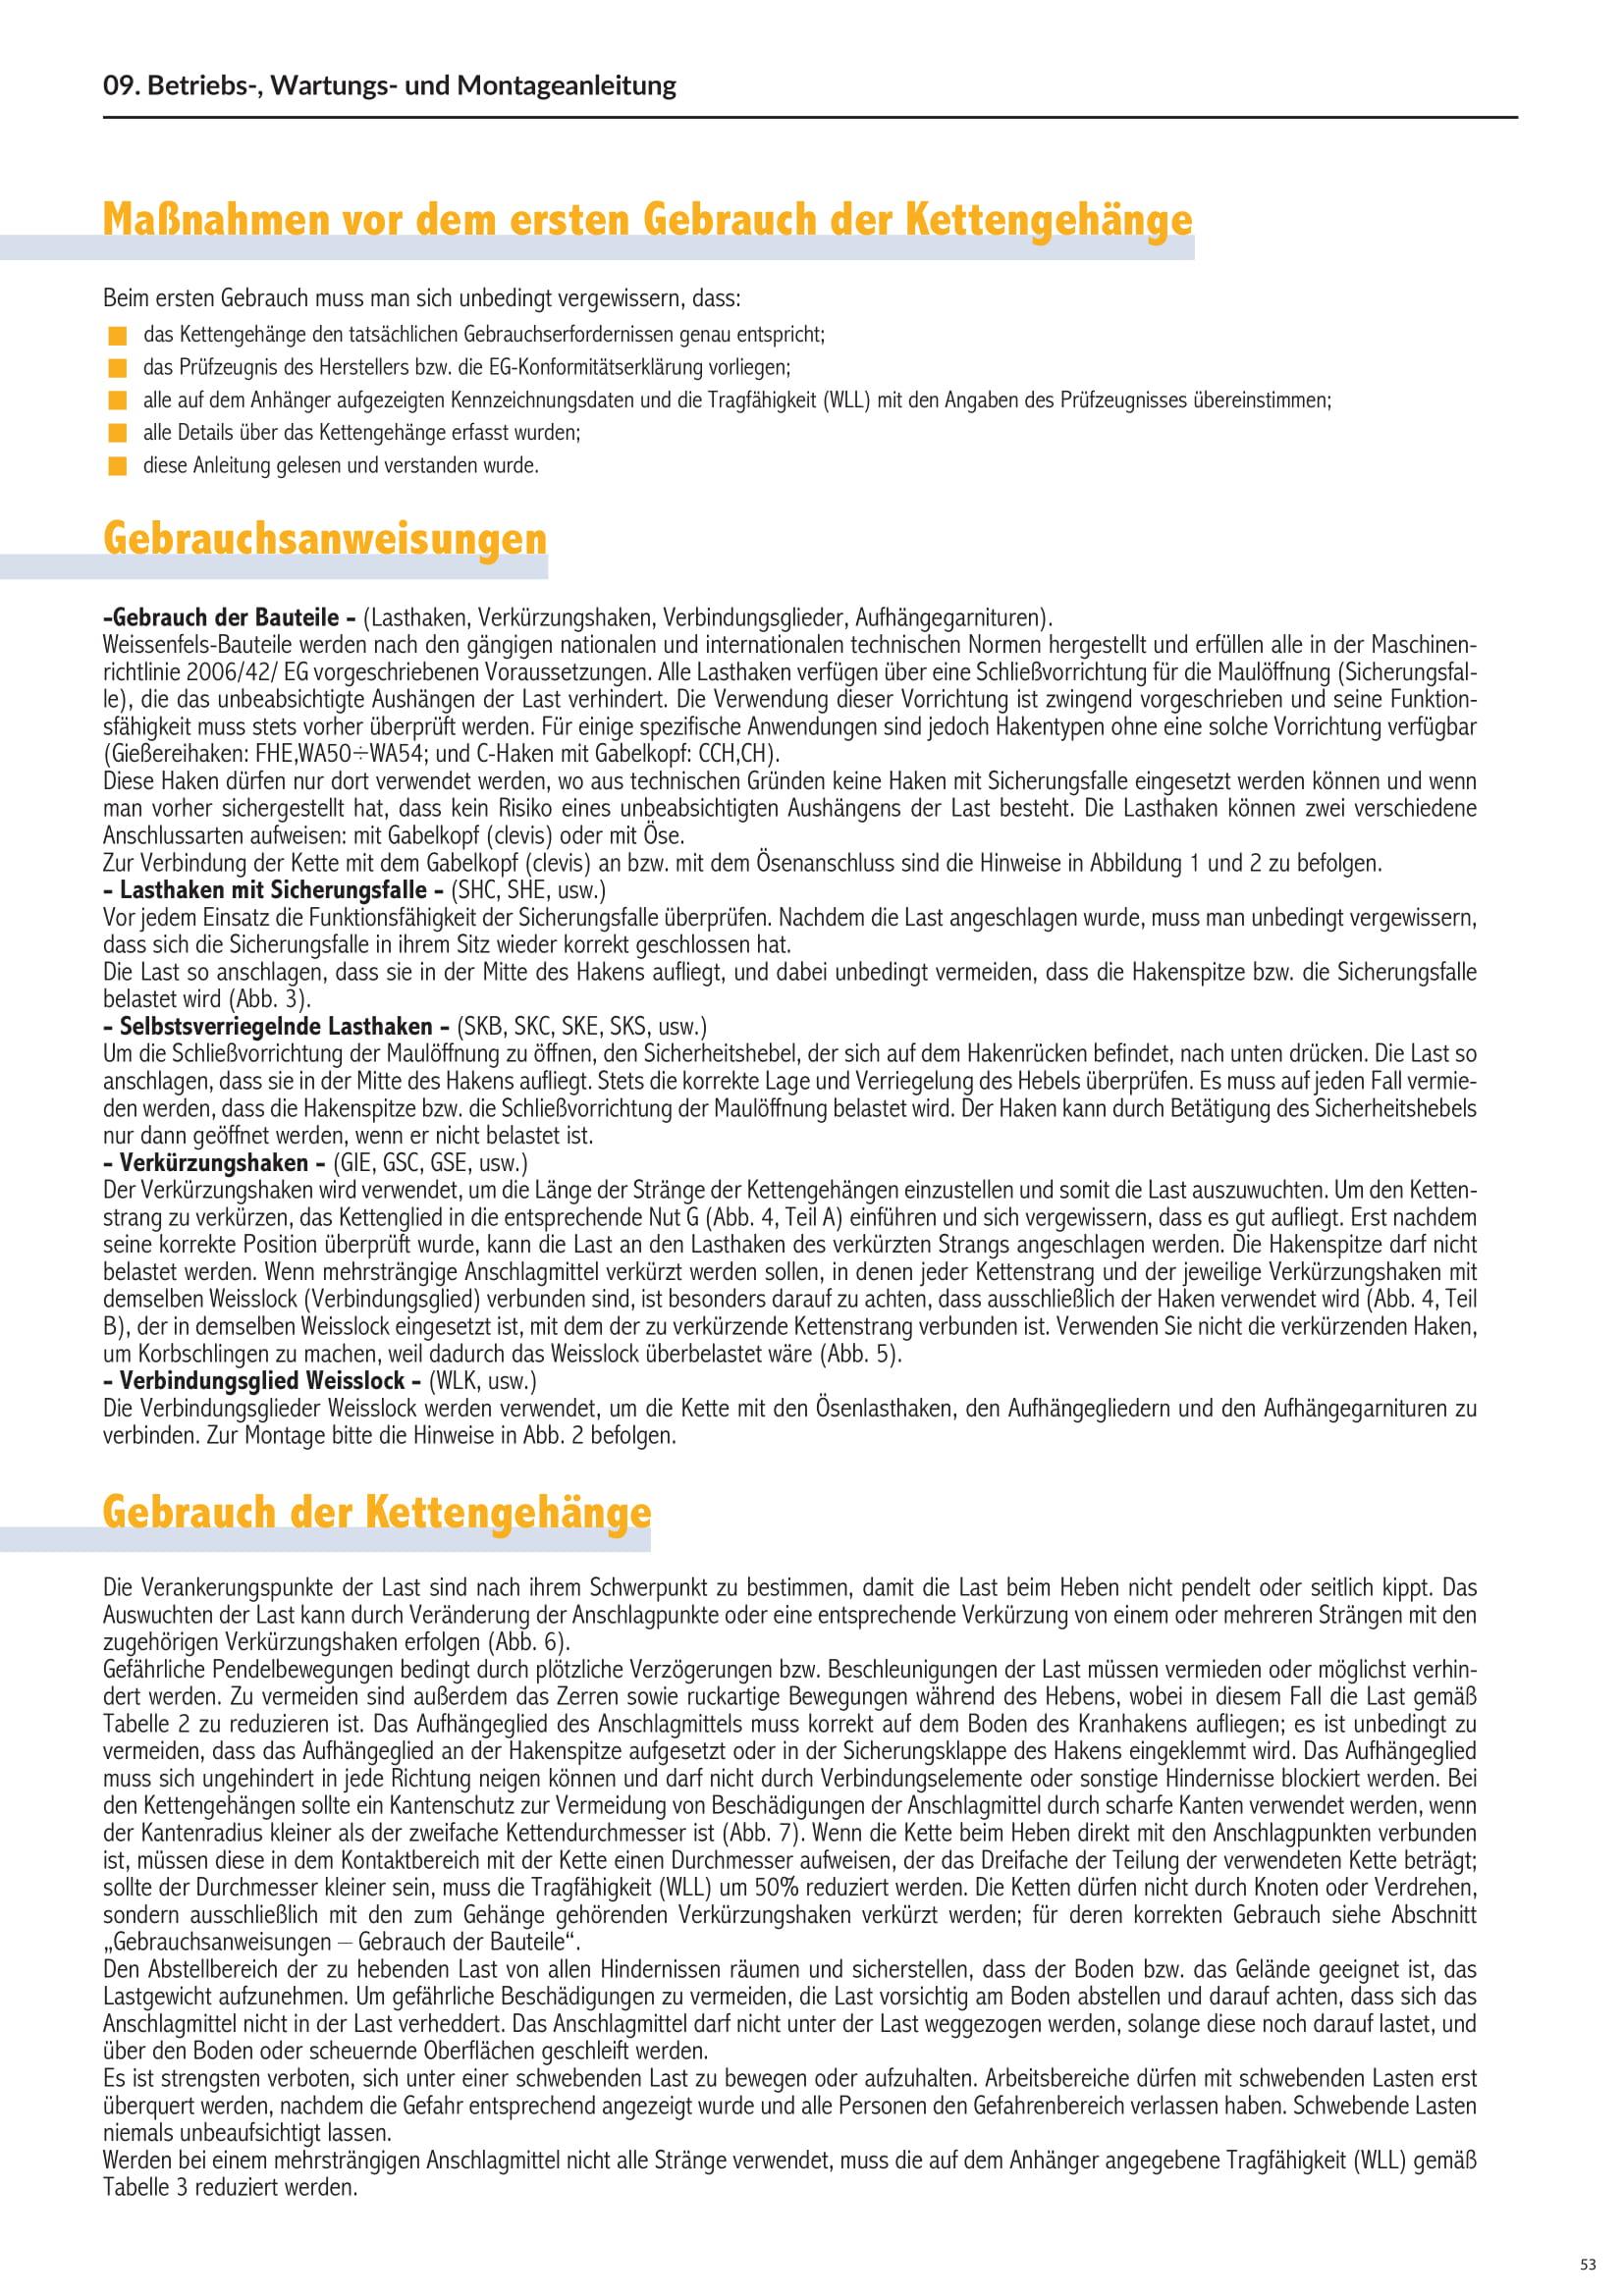 Kito-Weissenfels-manual-ed6-de-3